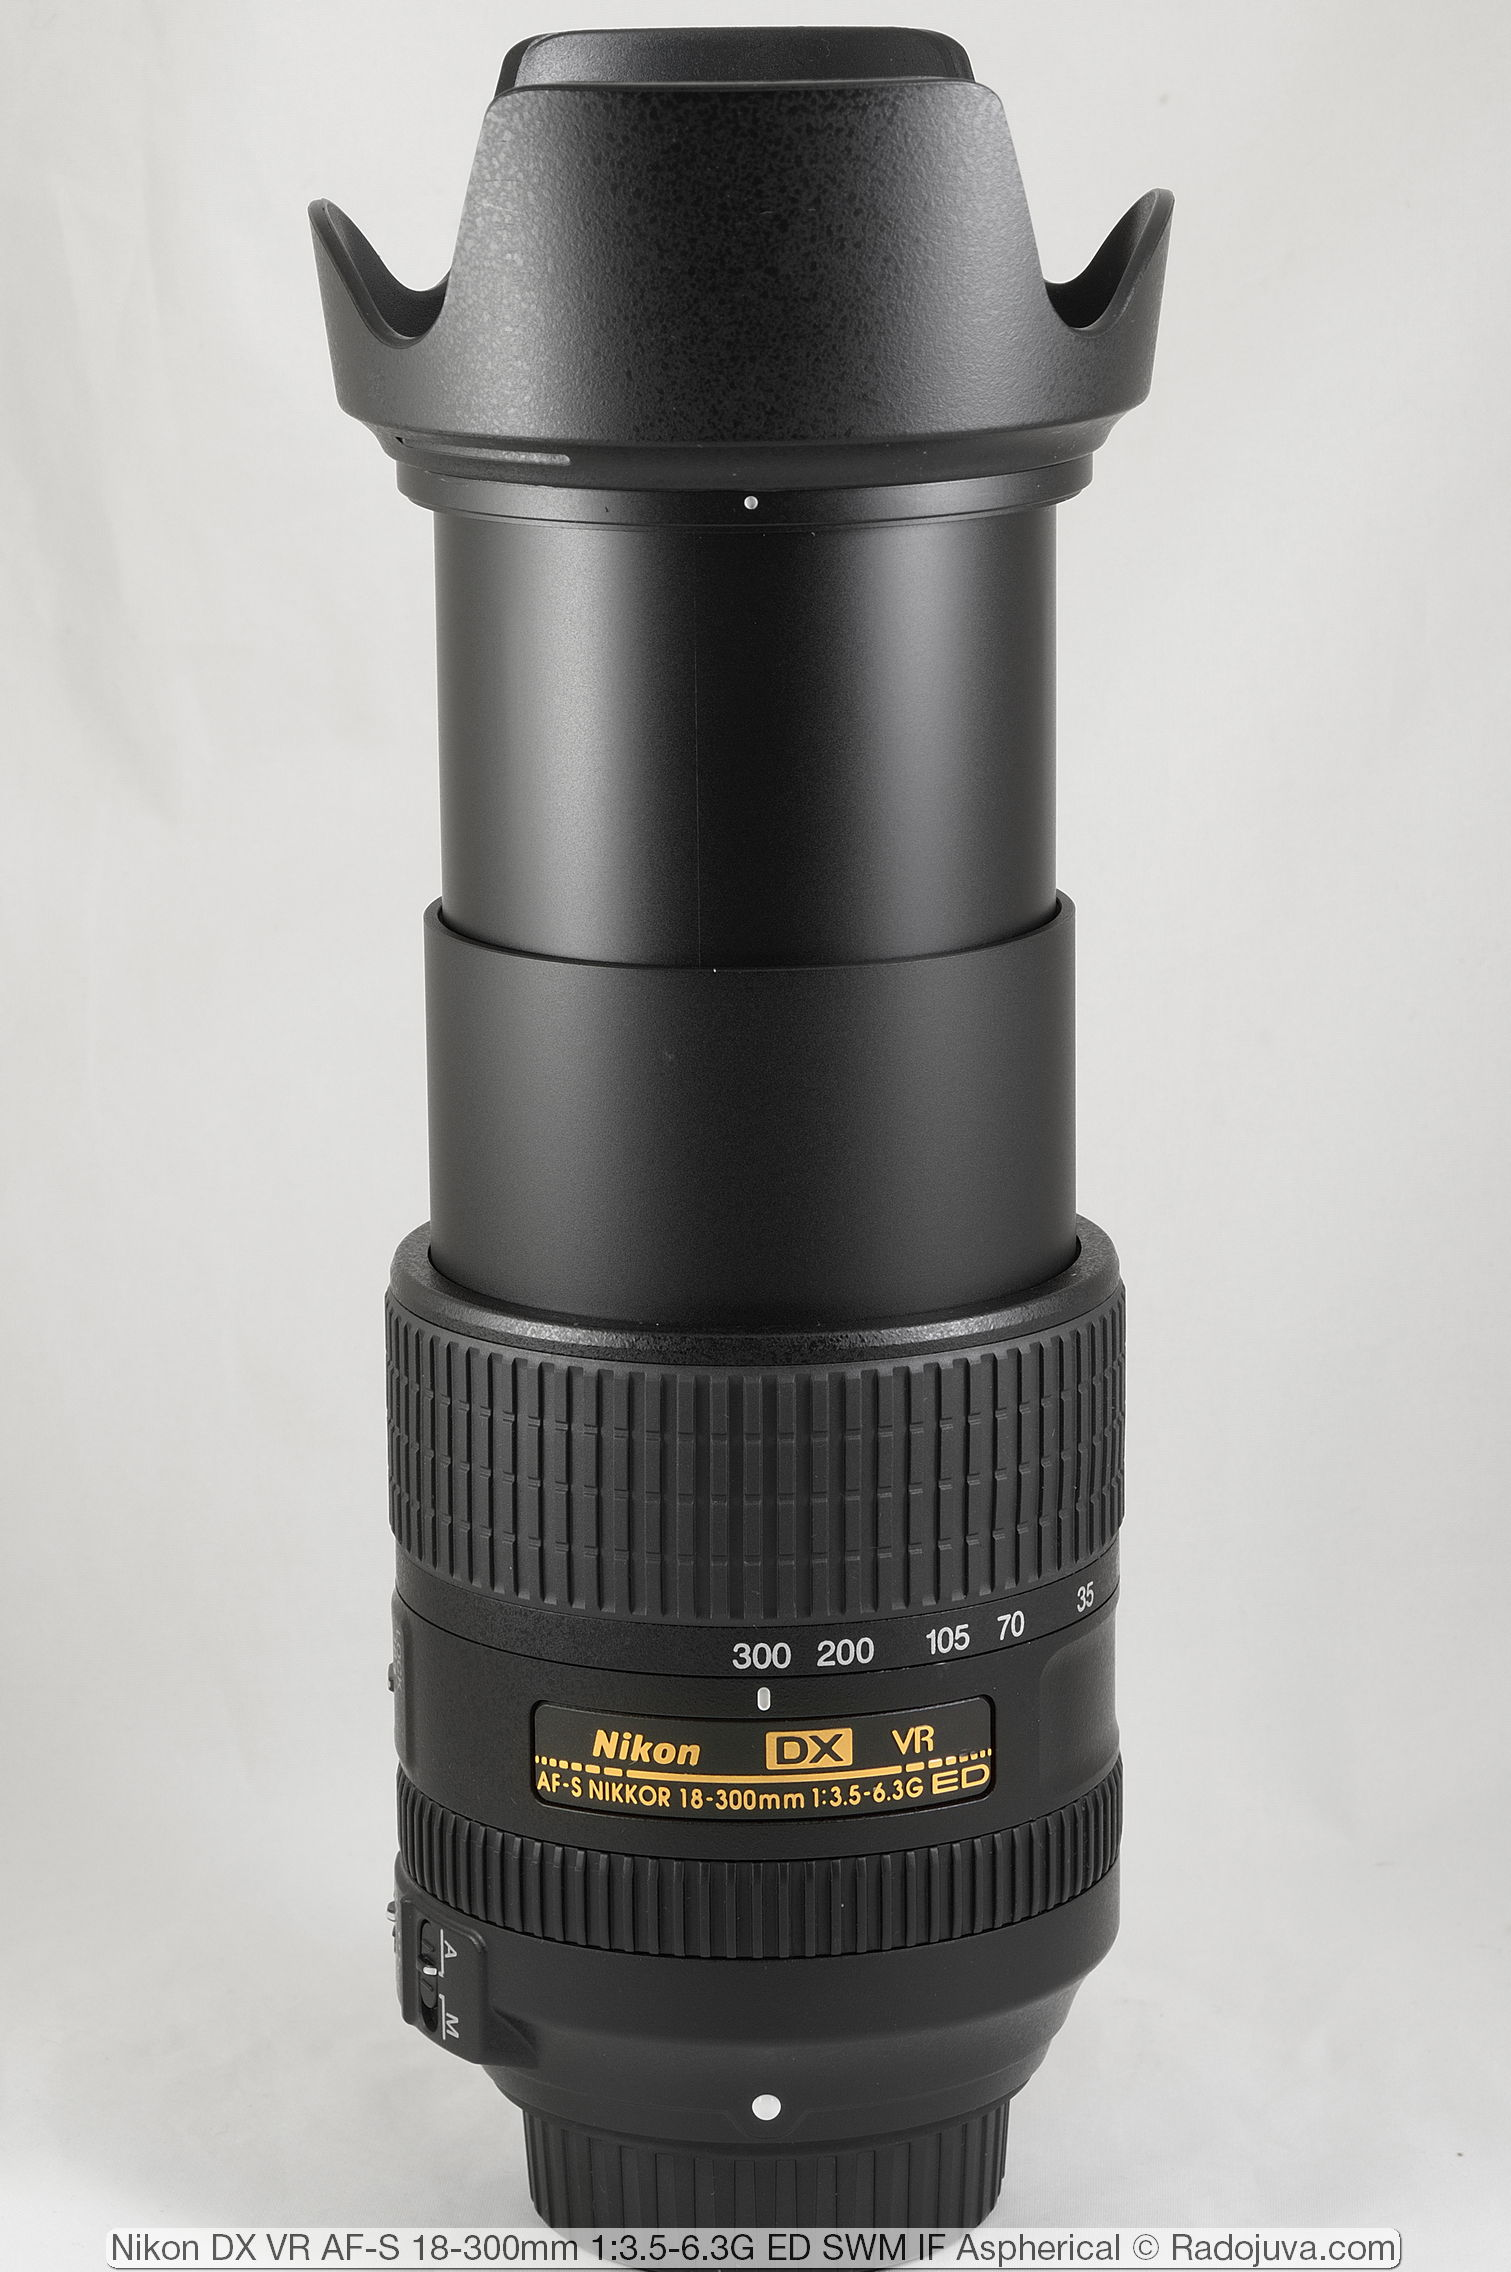 Nikon DX VR AF-S 18-300mm 1:3.5-6.3G ED SWM IF Aspherica